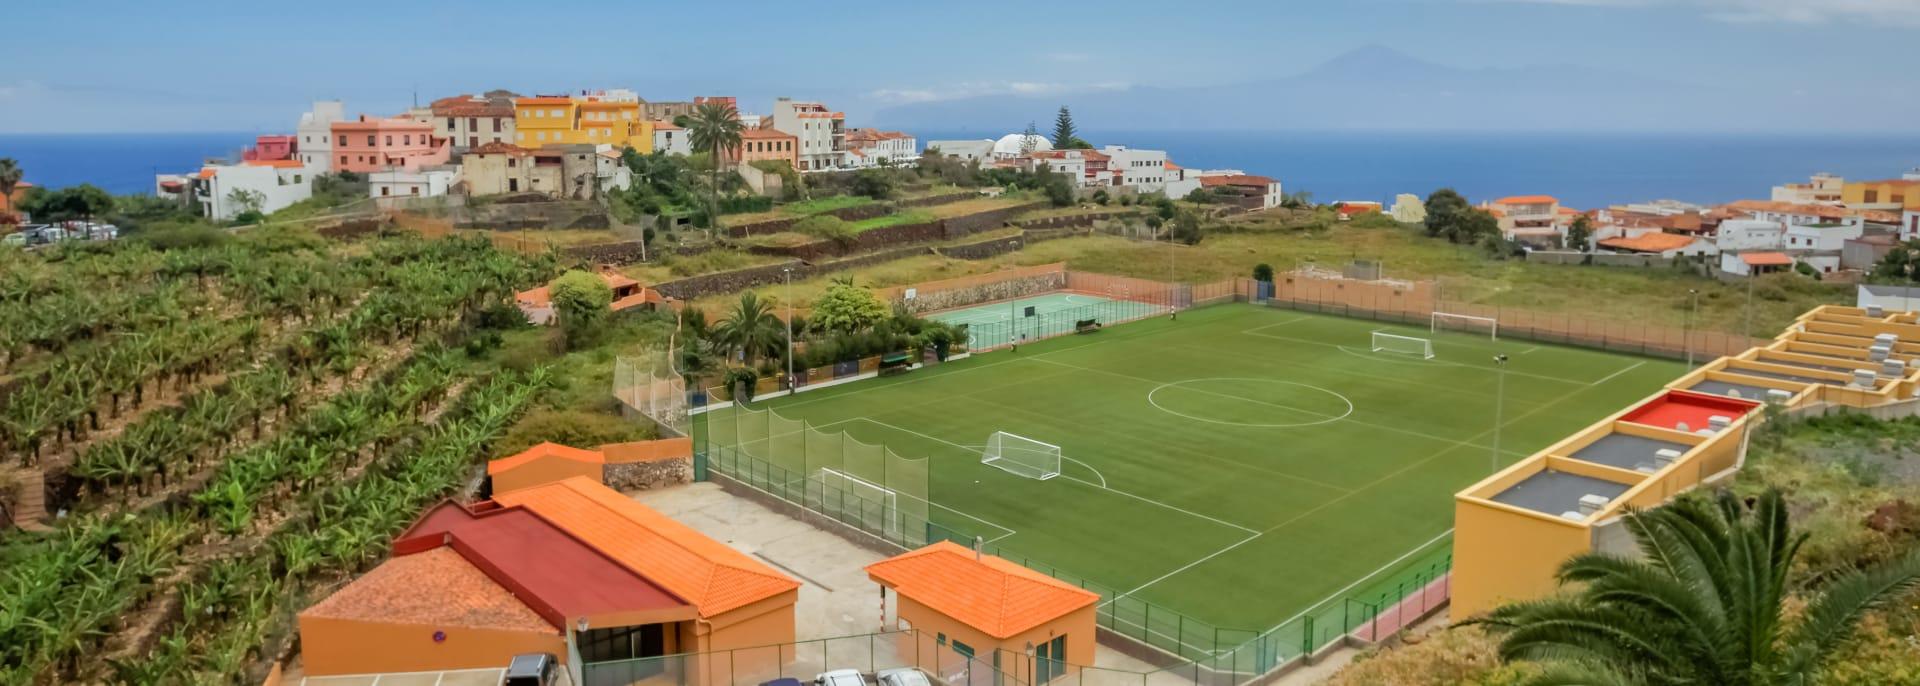 Spanien, Fussball-Camp, Fussball-Trainingslagerreisen, Knecht Reisen